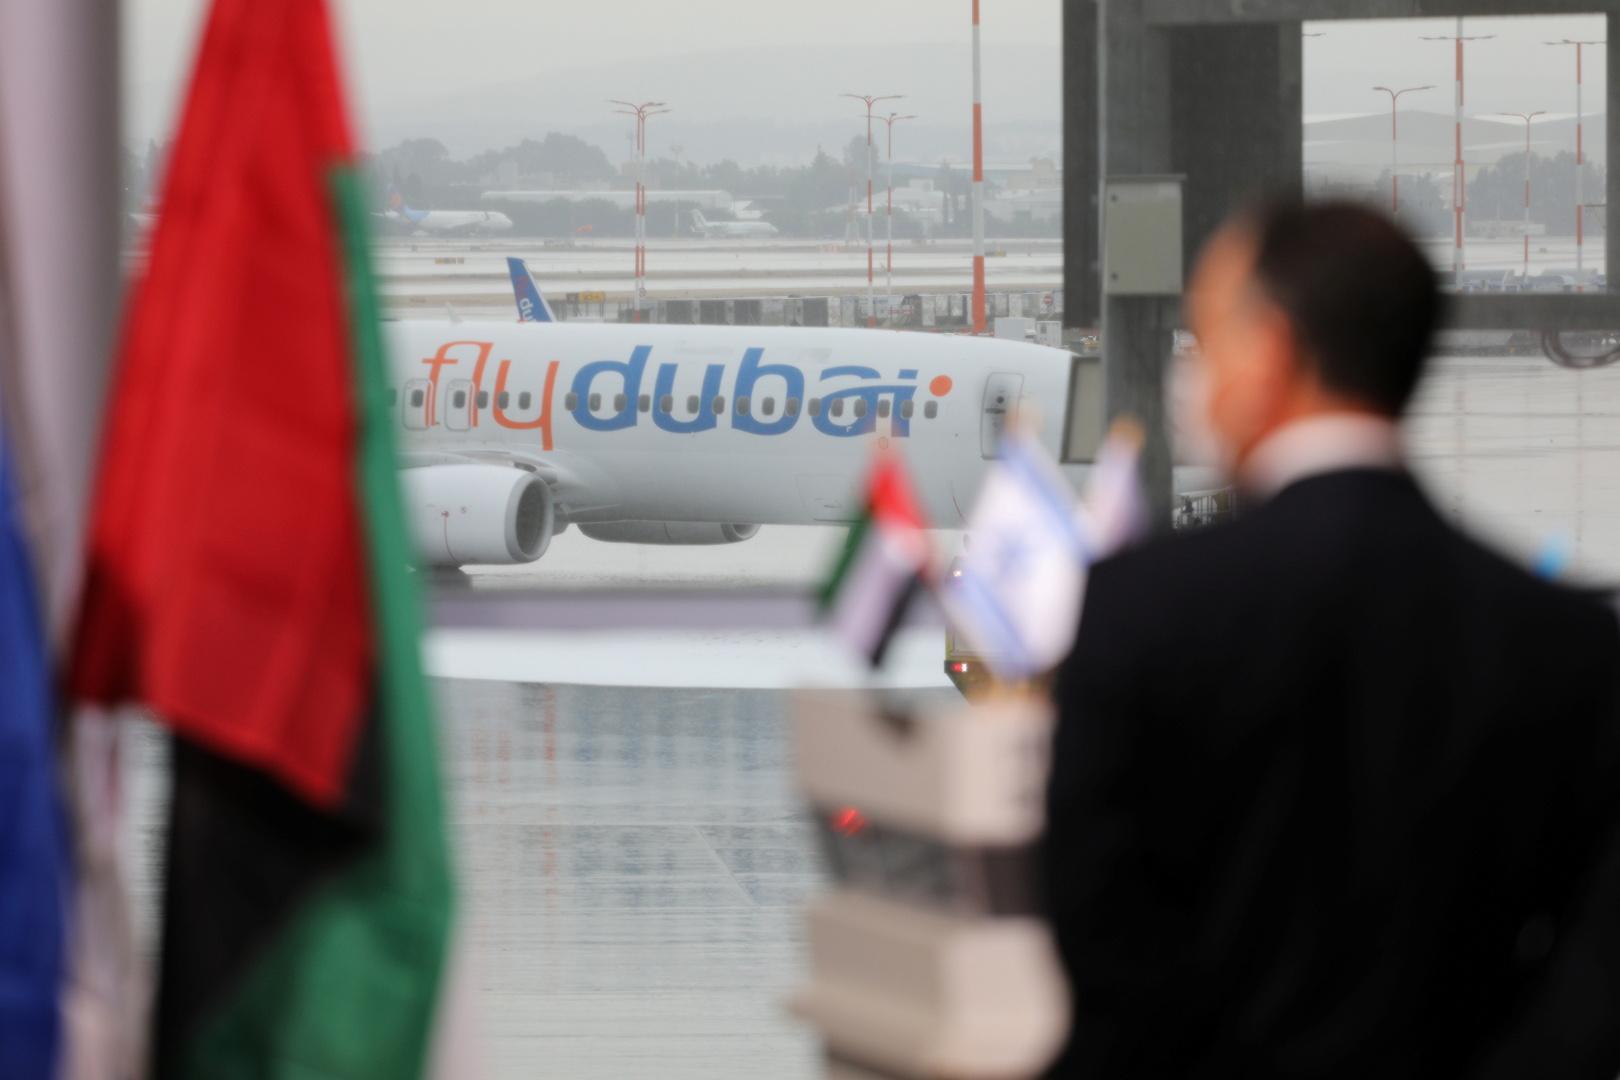 السفير الإماراتي لدى إسرائيل يتسلم مهامه الأسبوع المقبل